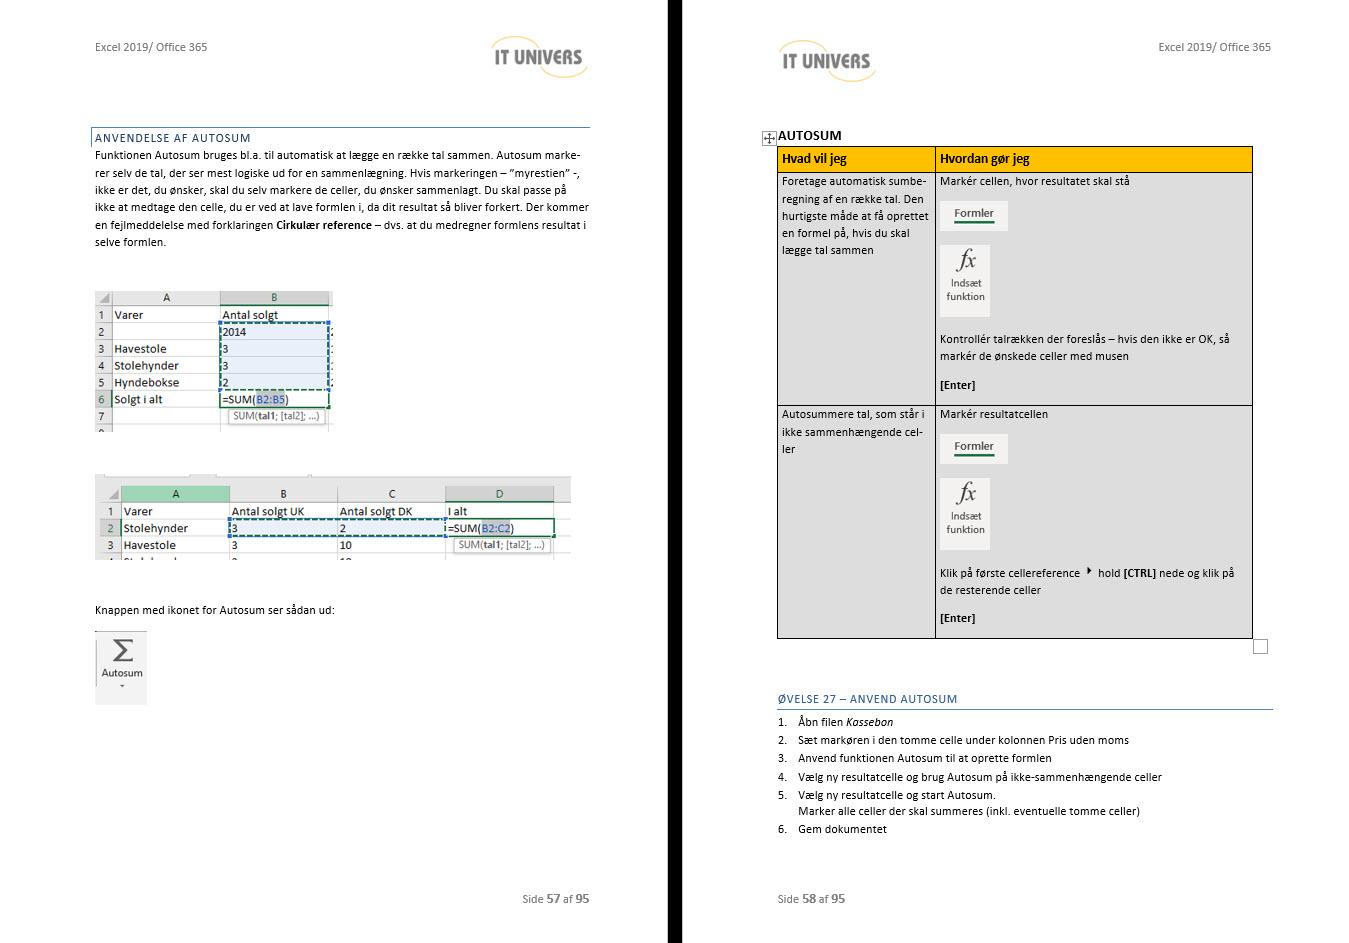 e-bog_Office 365 uddrag fra Excel Office 365